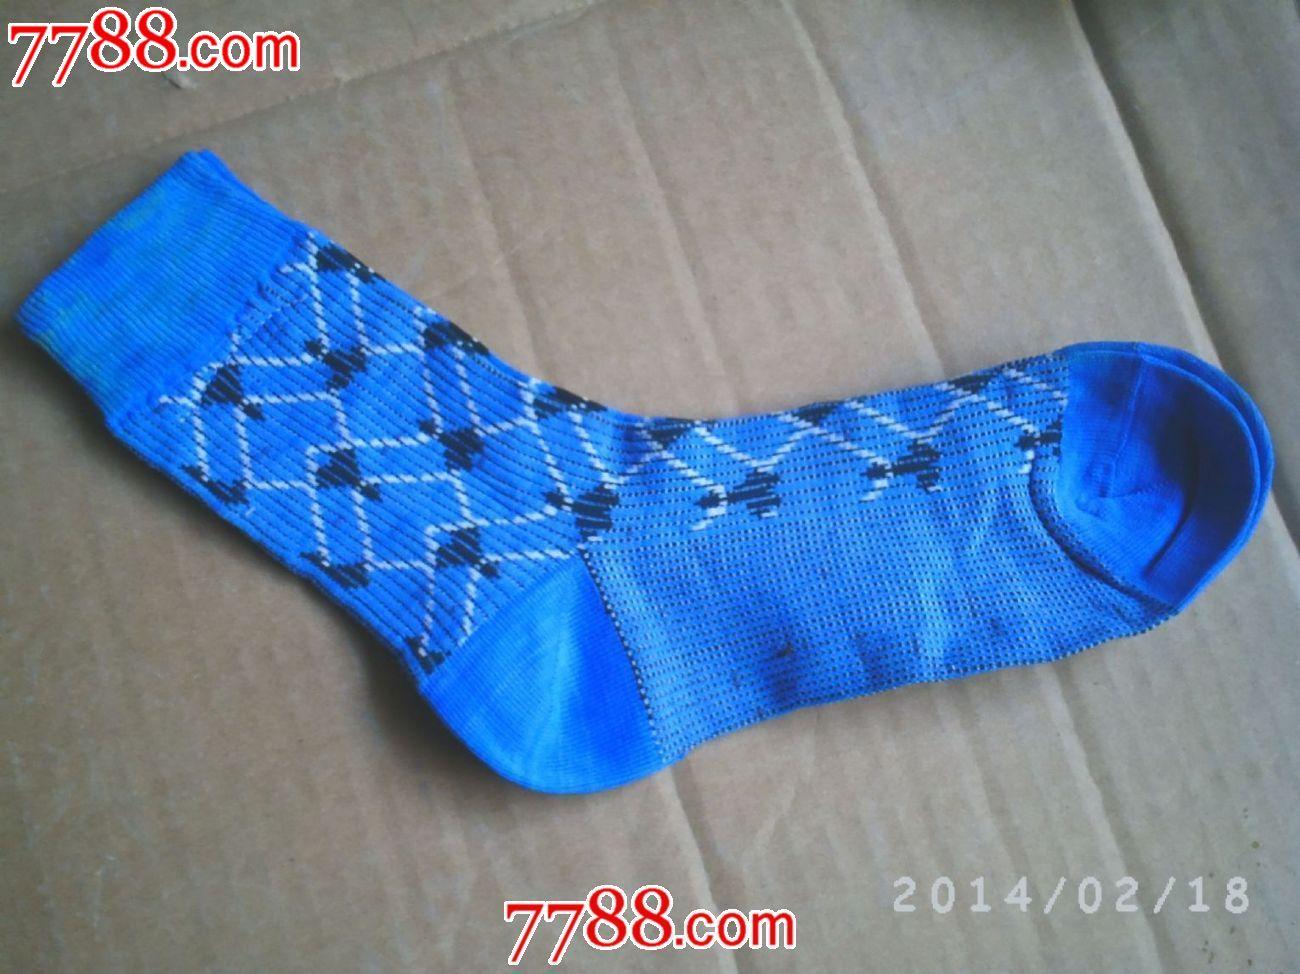 70-80年代的热门女式花纹尼龙袜子[未使用过的]_价格50.